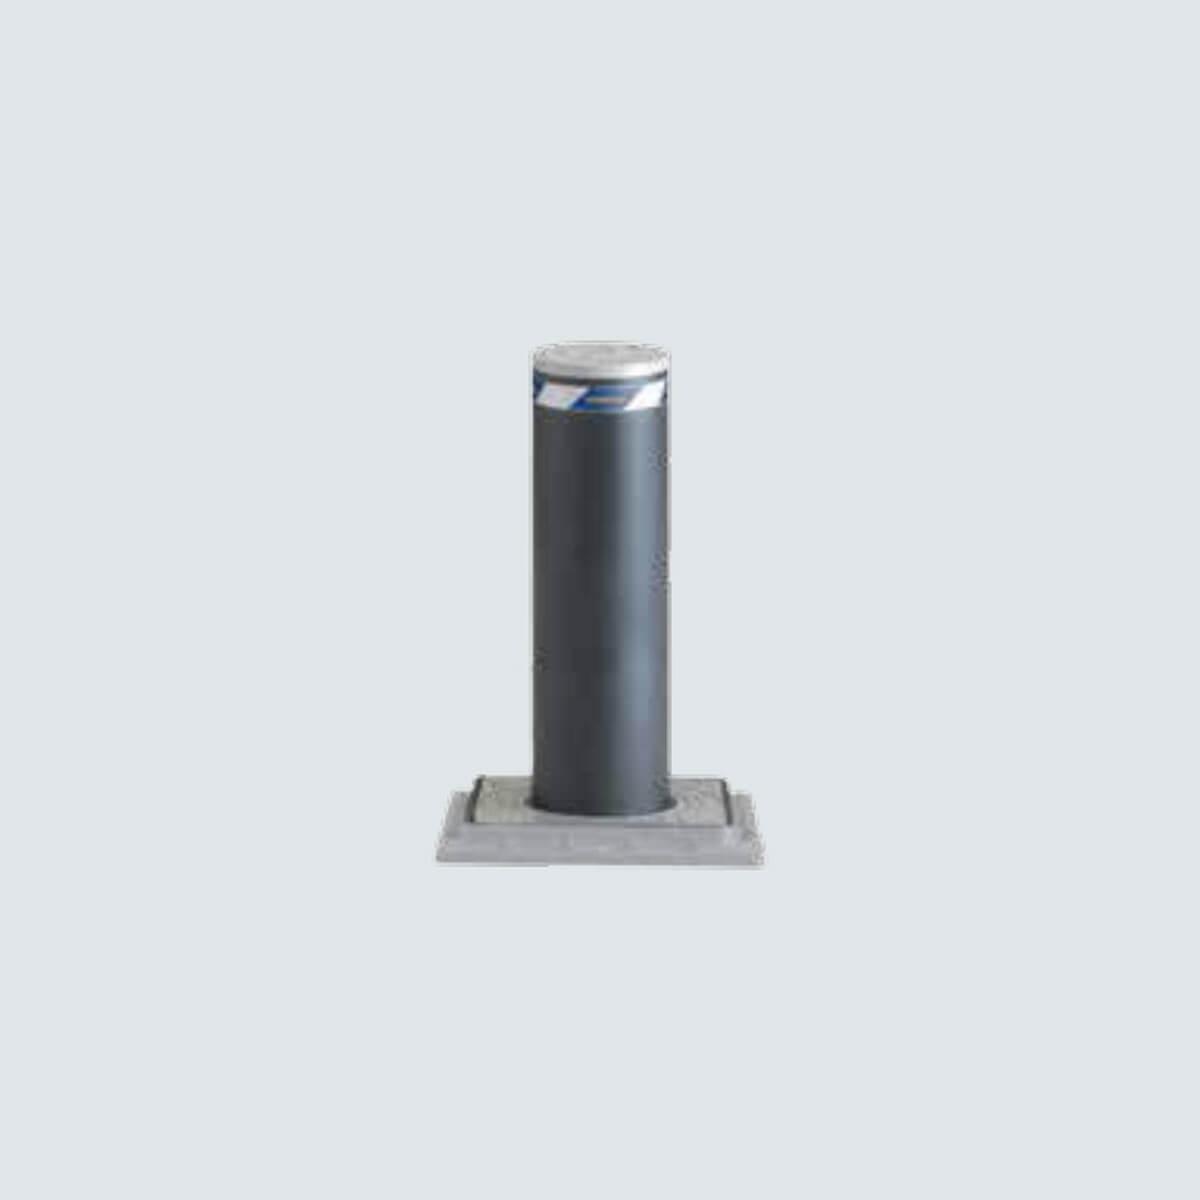 Hormann-Automatic-Hydraulic-Bollard-–-A-275-M30